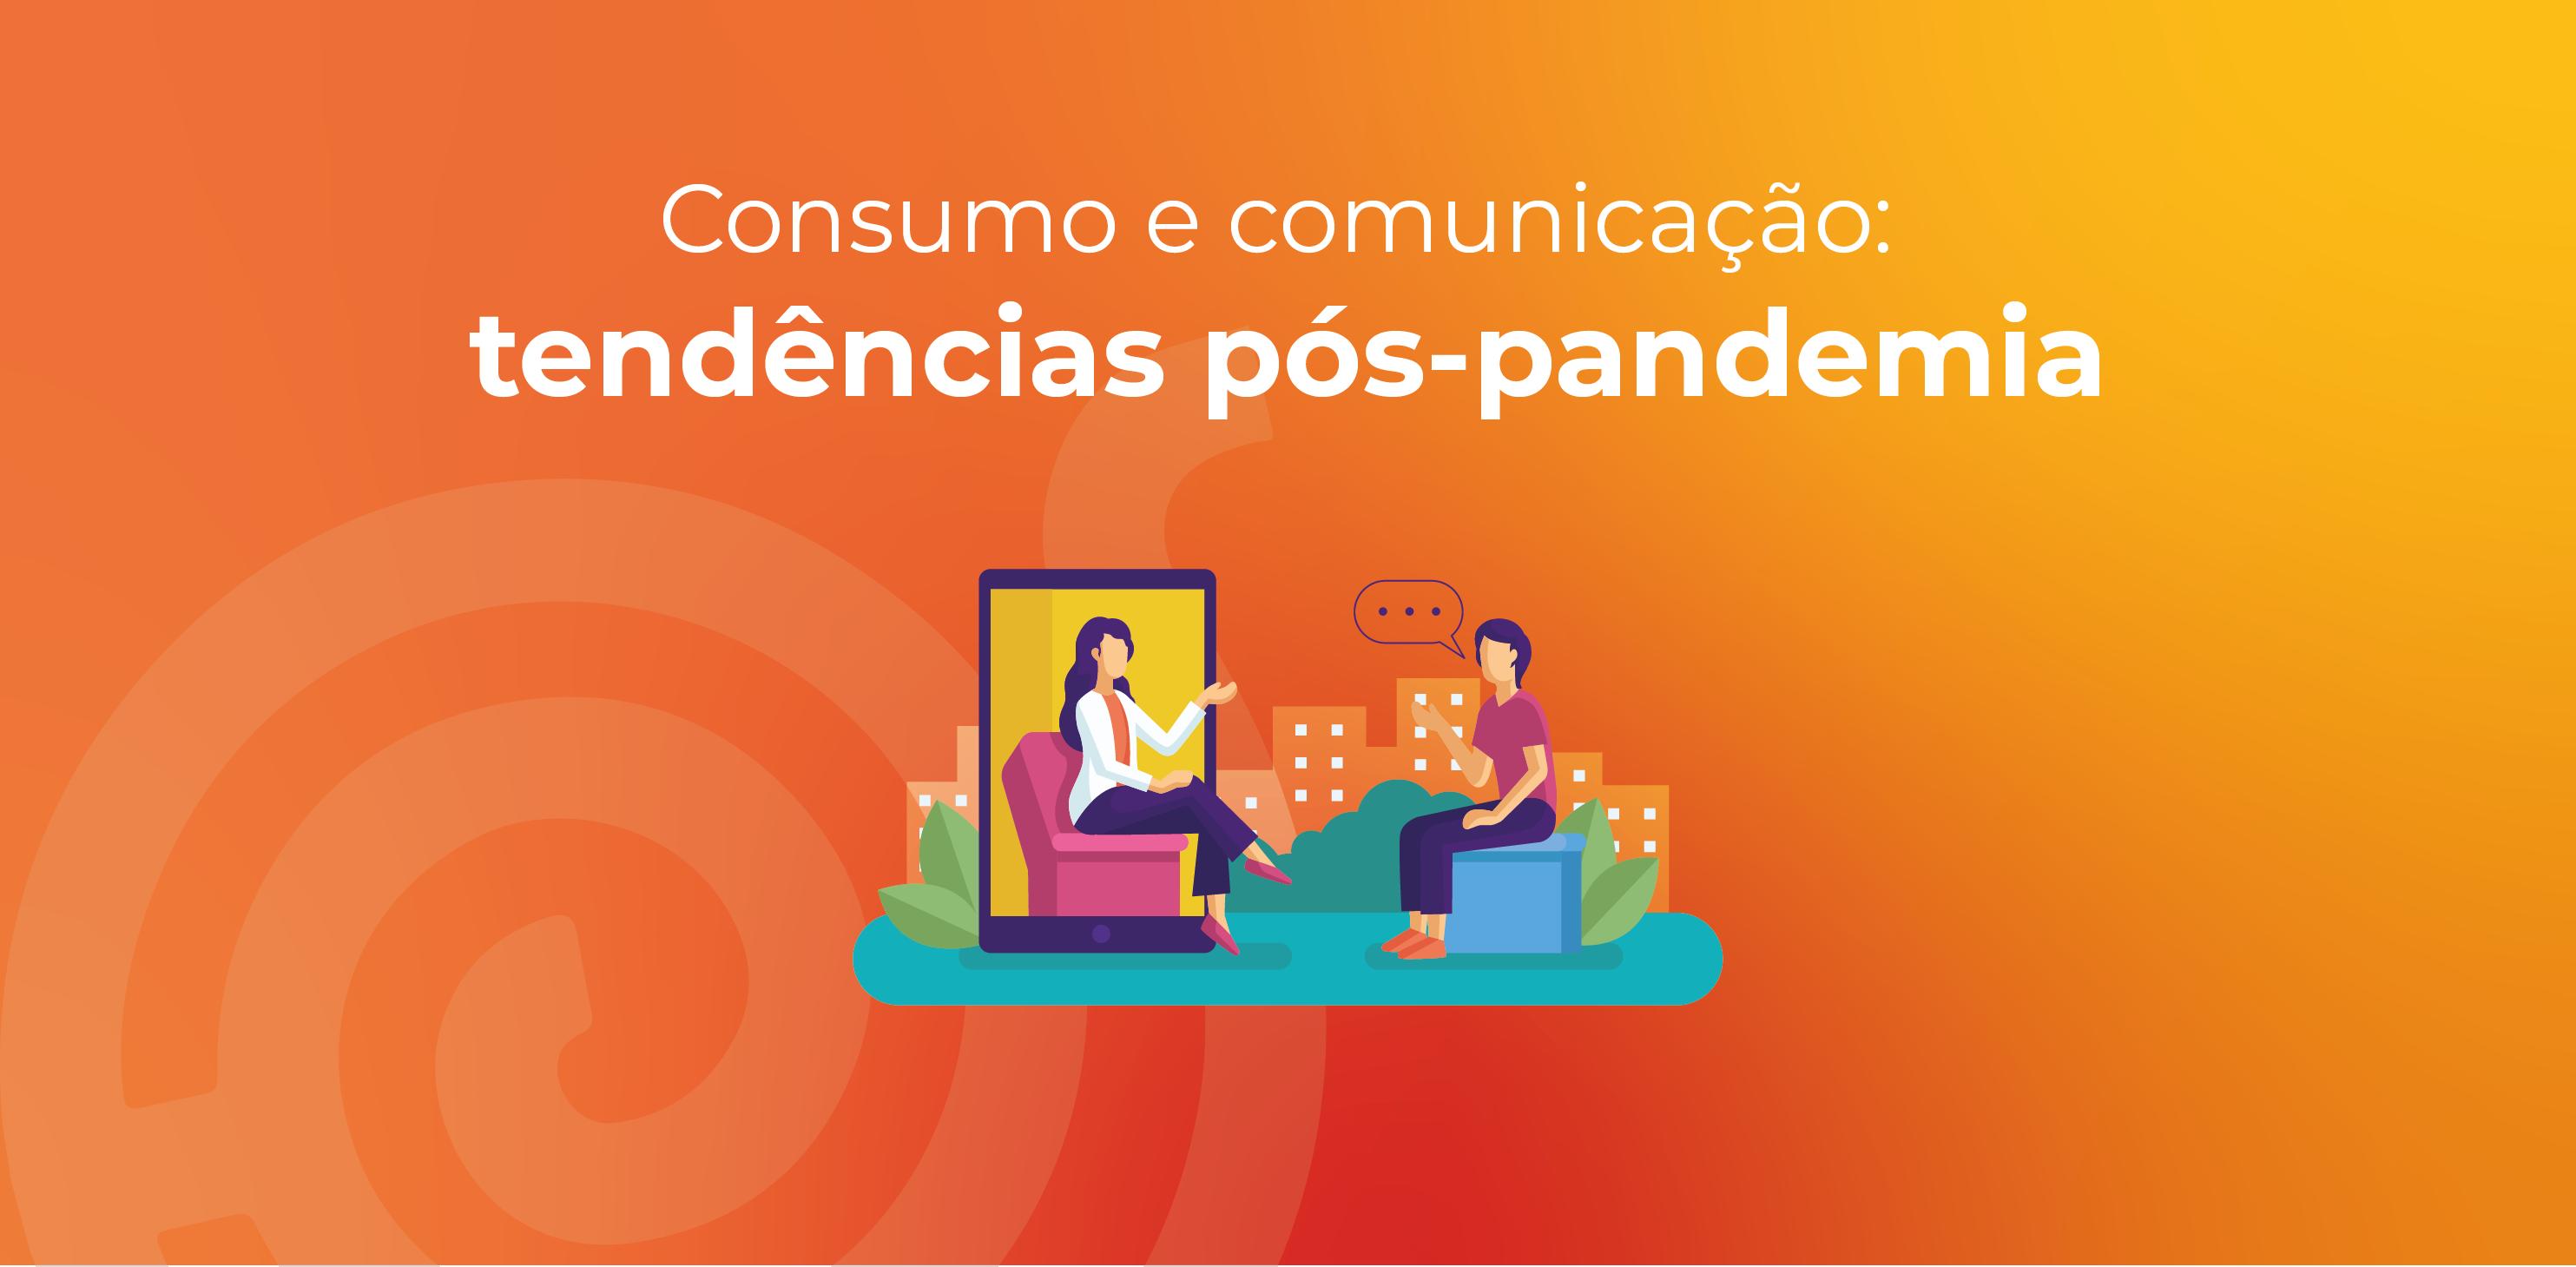 Consumo e comunicação: tendências pós-pandemia